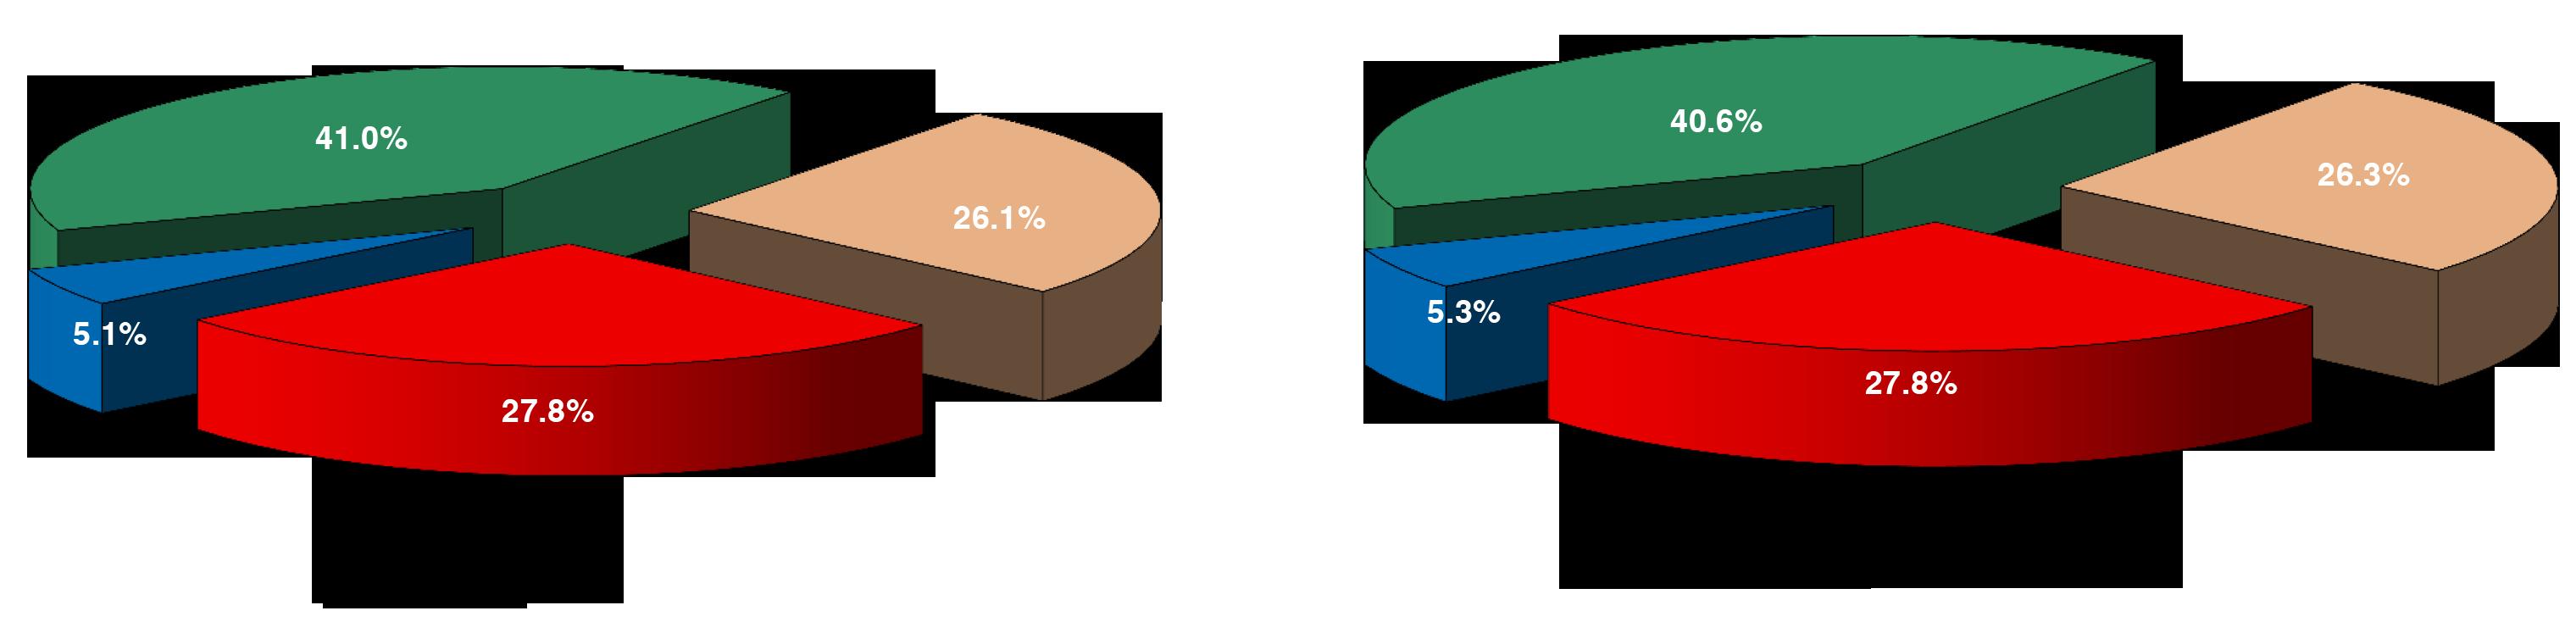 Tăng trưởng kinh tế Tiền Giang 9 tháng đầu năm 2020 đạt 0,45%